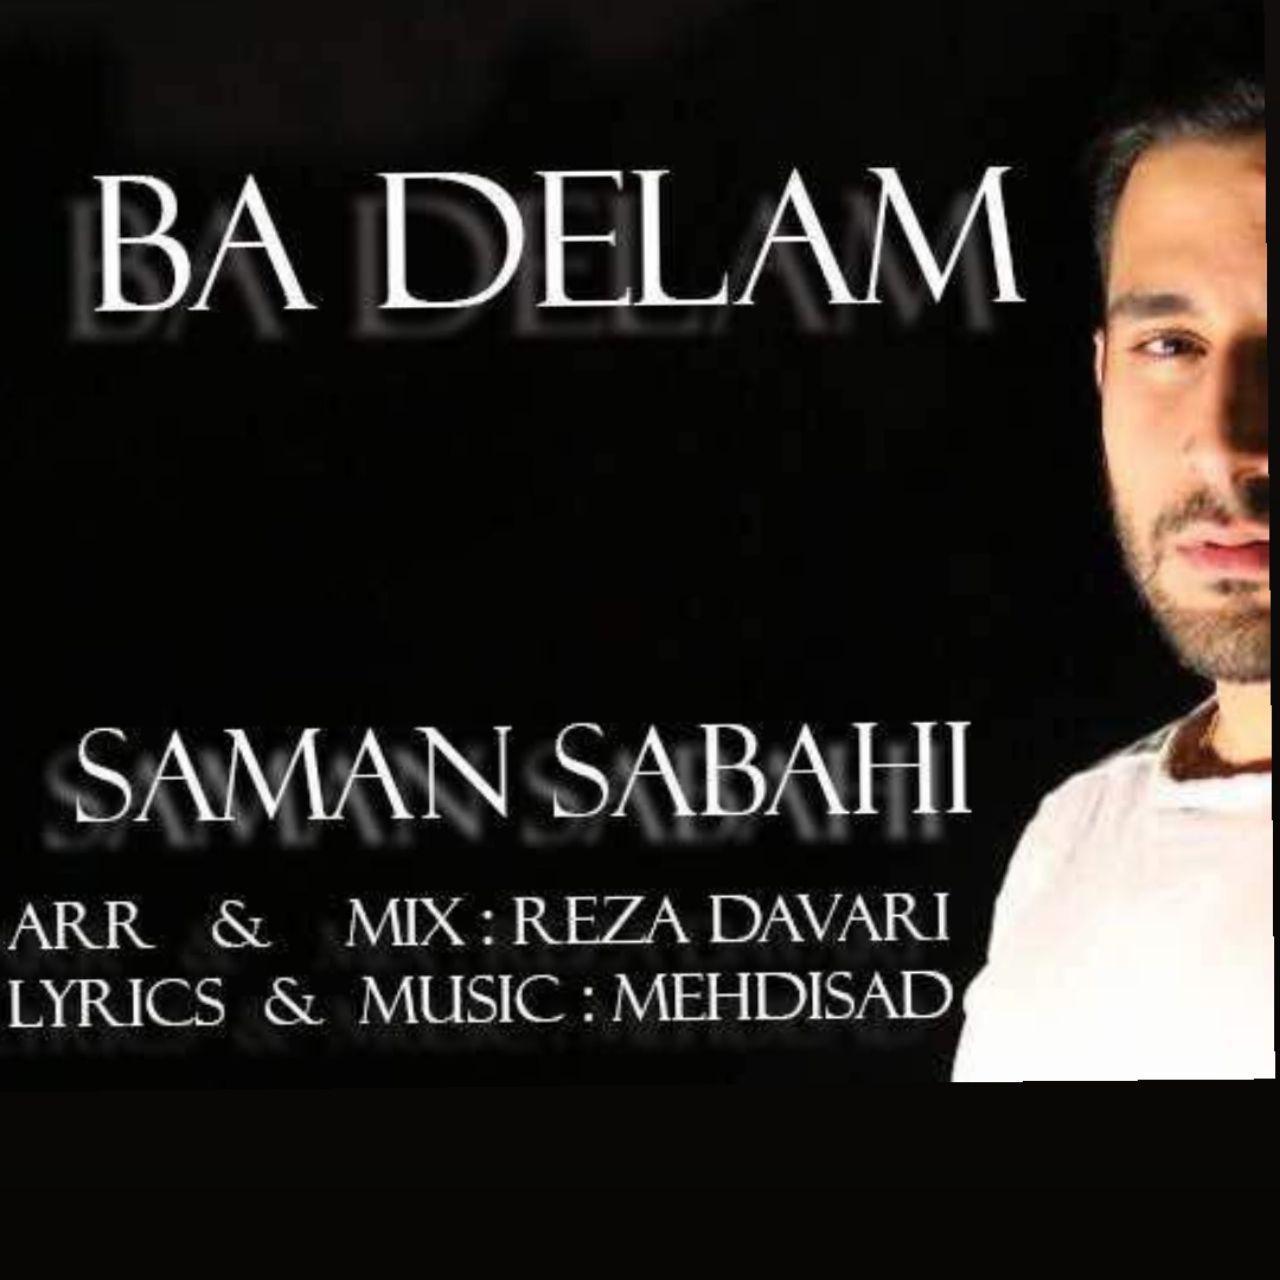 Saman Sabahi – Ba Delam